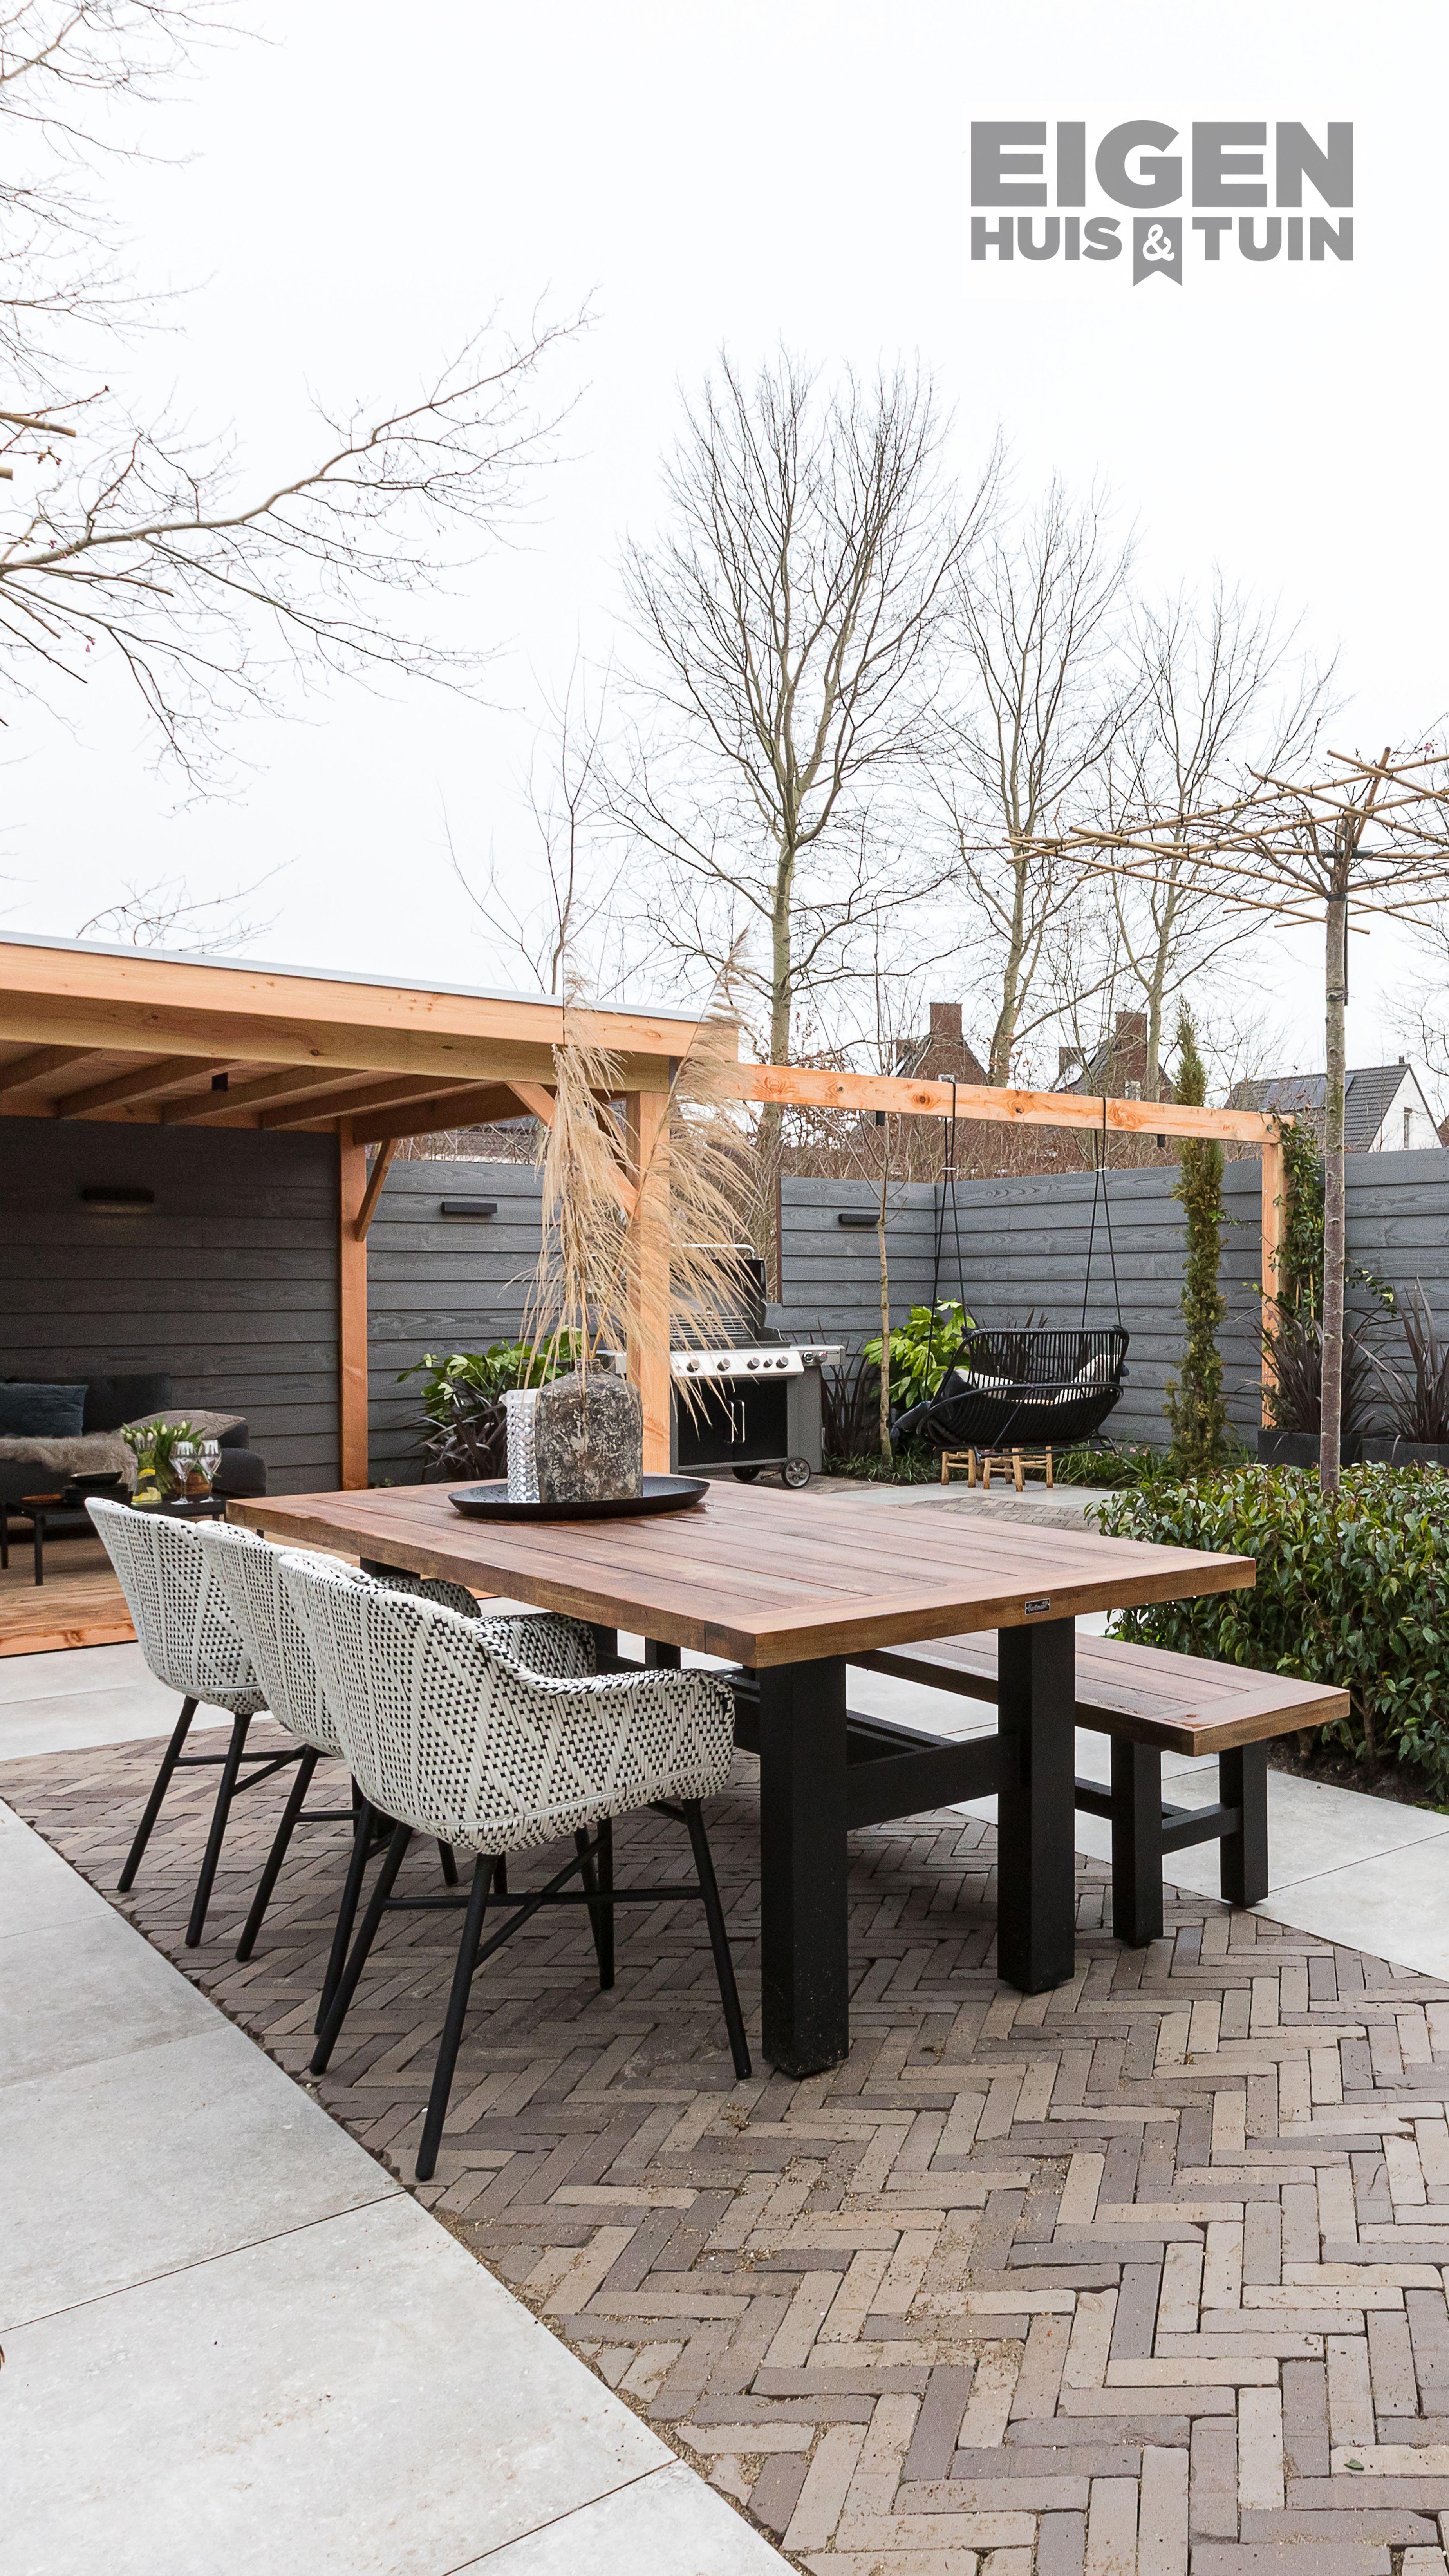 Delphine in combinatie met Yasmani! Hoe prachtig is deze set? Het robuuste van de tafel en bank, gecombineerd met de moderne Delphine stoelen. We love it! De tafel, bank en stoelen zijn in verschillende kleuren verkrijgbaar. #hartman #yasmani #delphine #tuinideeën #tuininspiratie #garden #buiten #outdoors #tuinverbouwing